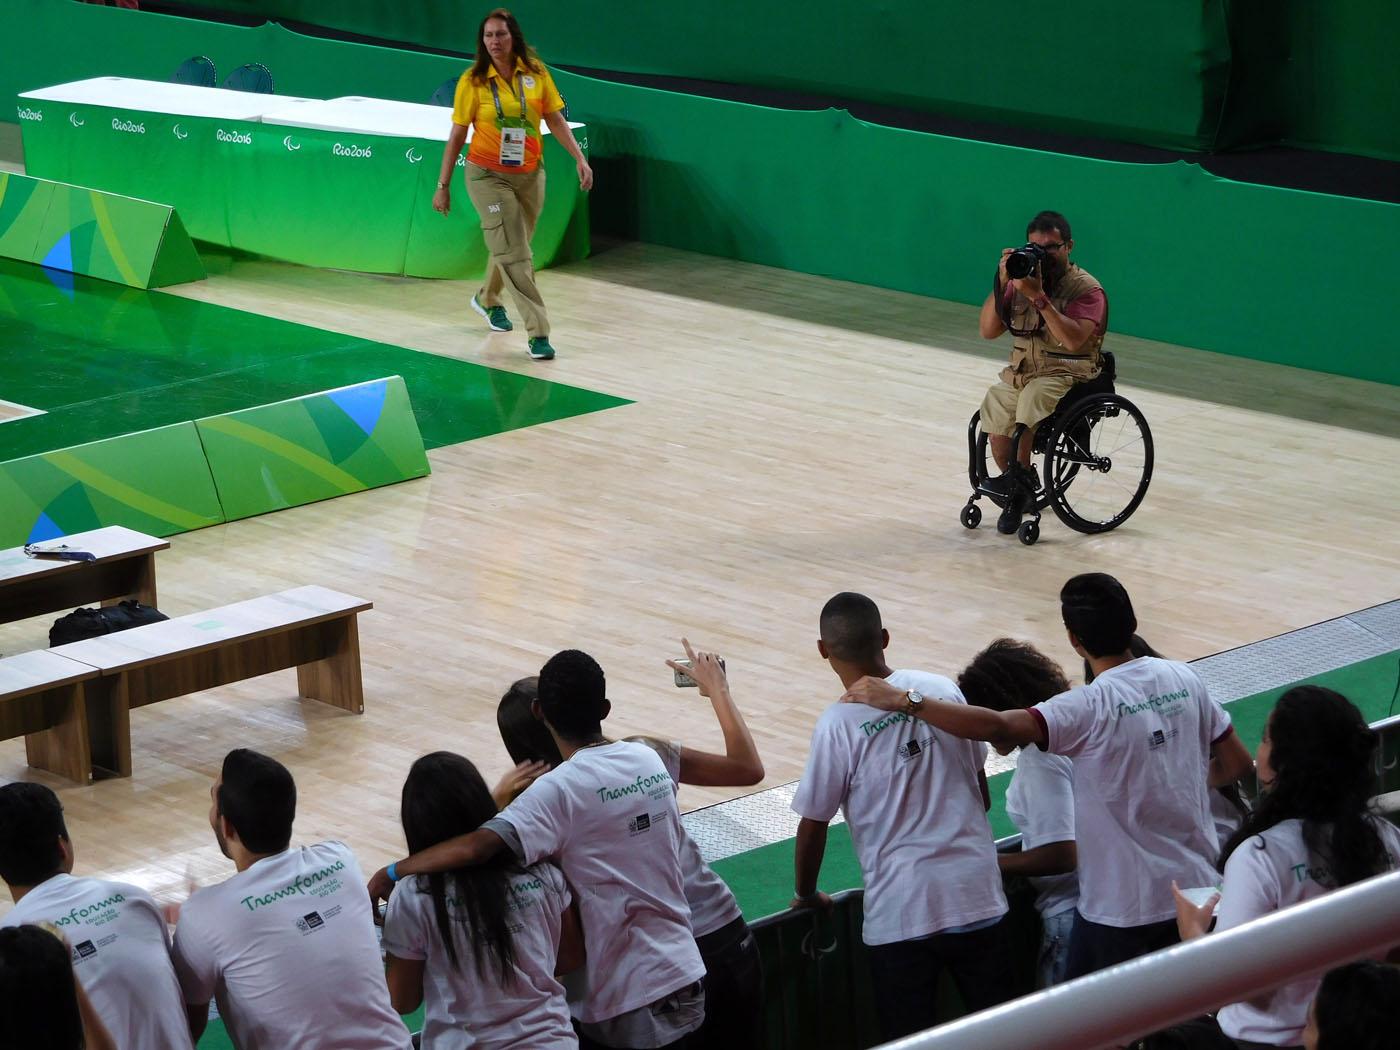 車椅子のカメラマン、初めてみました。気持ちのいいカメラマンで、観客を随所で盛り上げています。